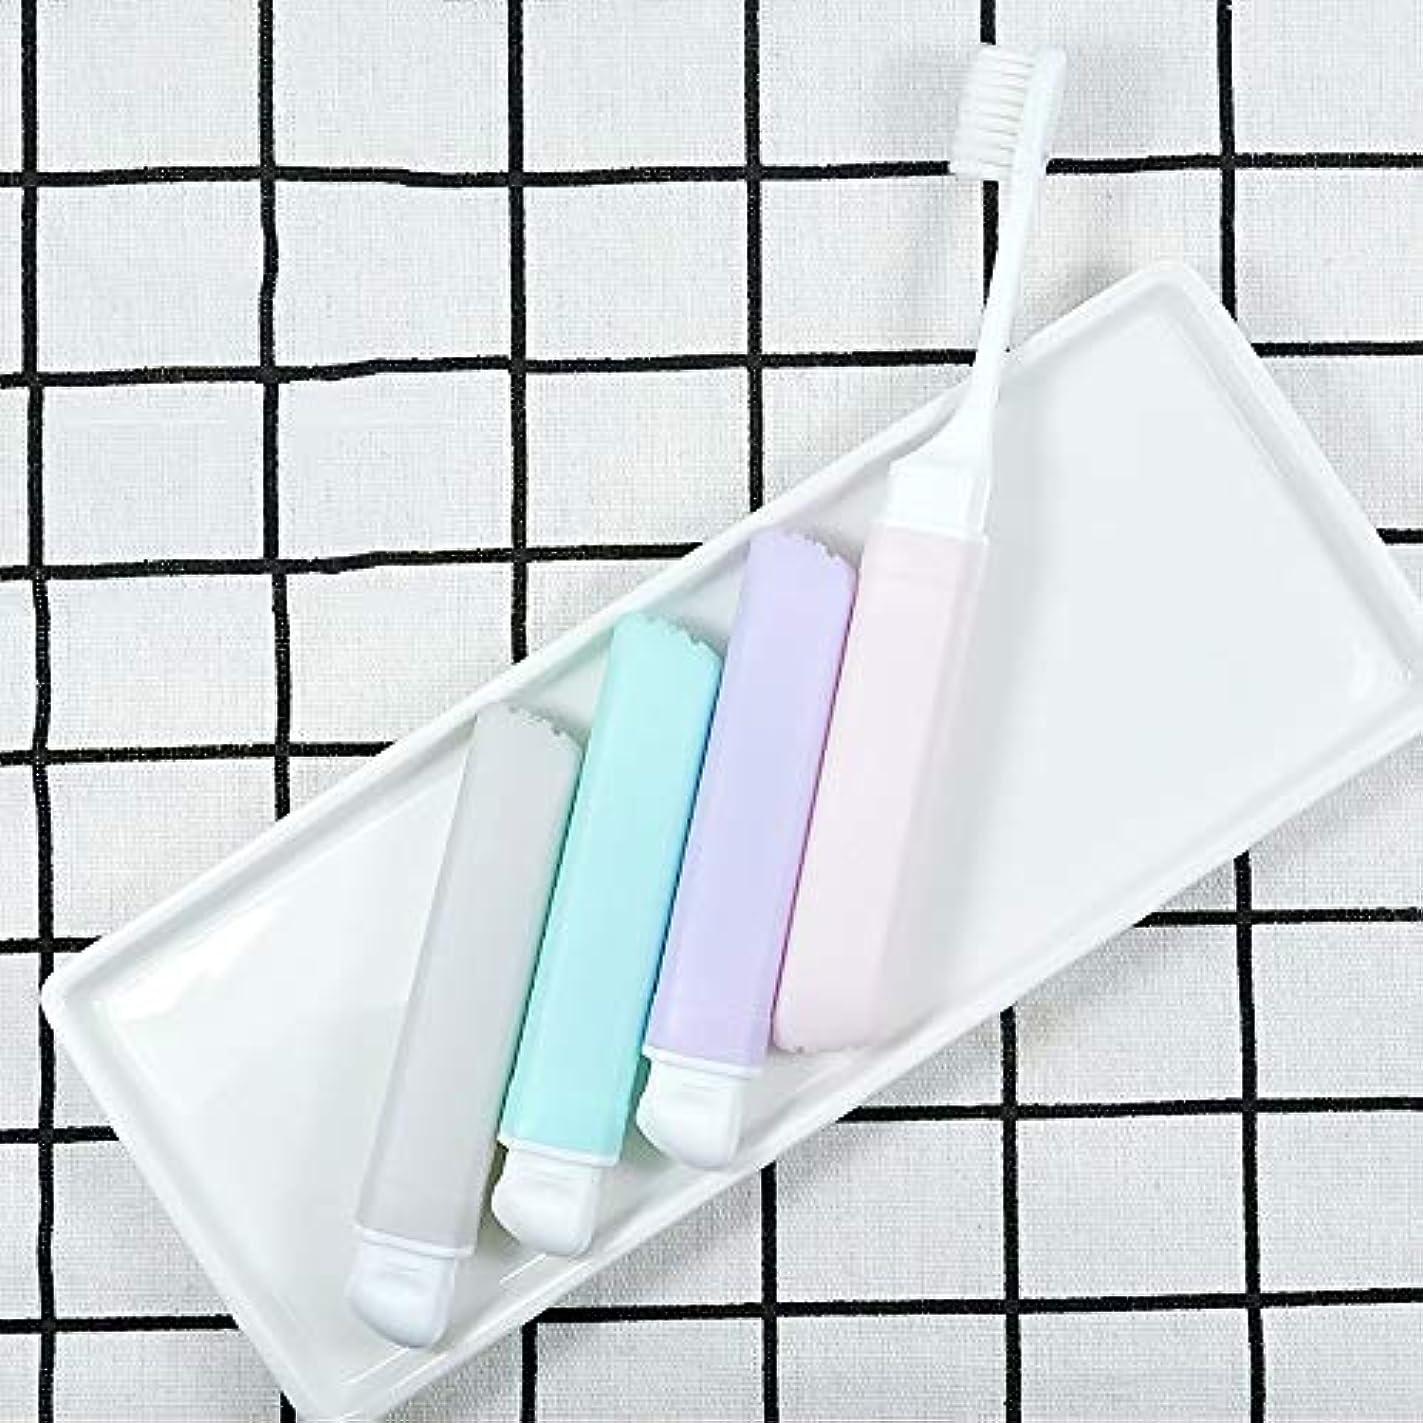 見つけたオフェンス本土歯ブラシ 10柔らかい歯ブラシ、携帯用歯ブラシ、折り畳み式の大人歯ブラシ - 10パック HL (サイズ : 10 packs)